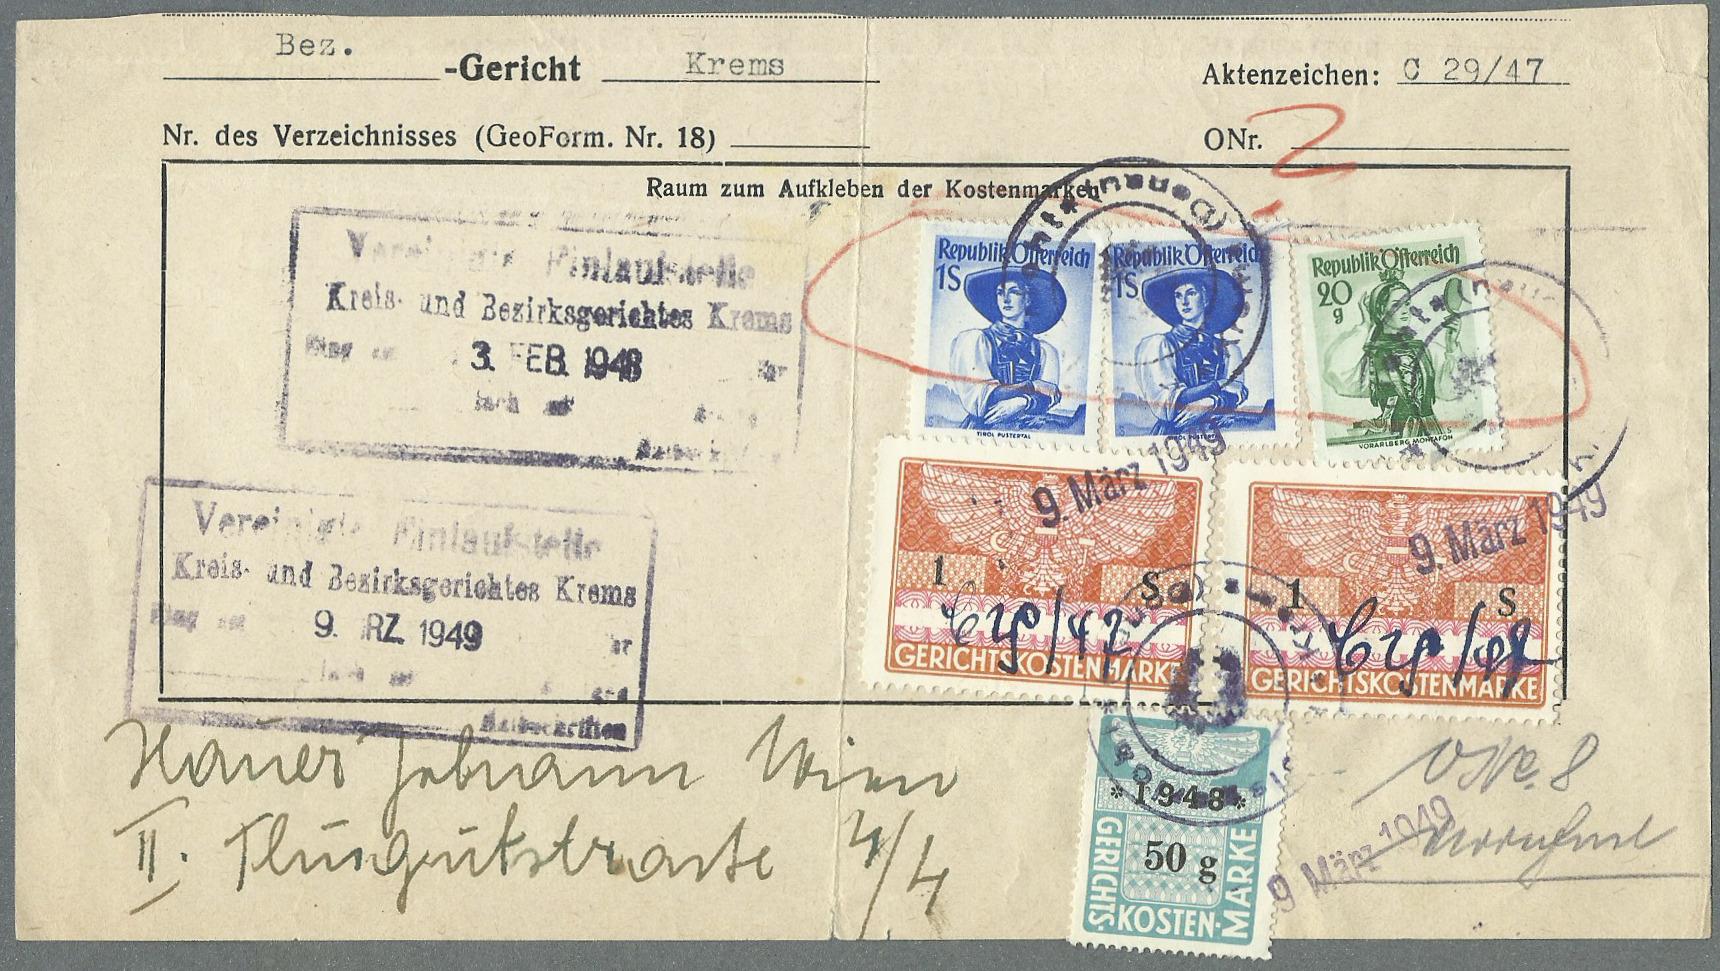 trachten - Trachtenserien ANK 887 - 923 und 1052 - 1072 Belege - Seite 13 Tracht11